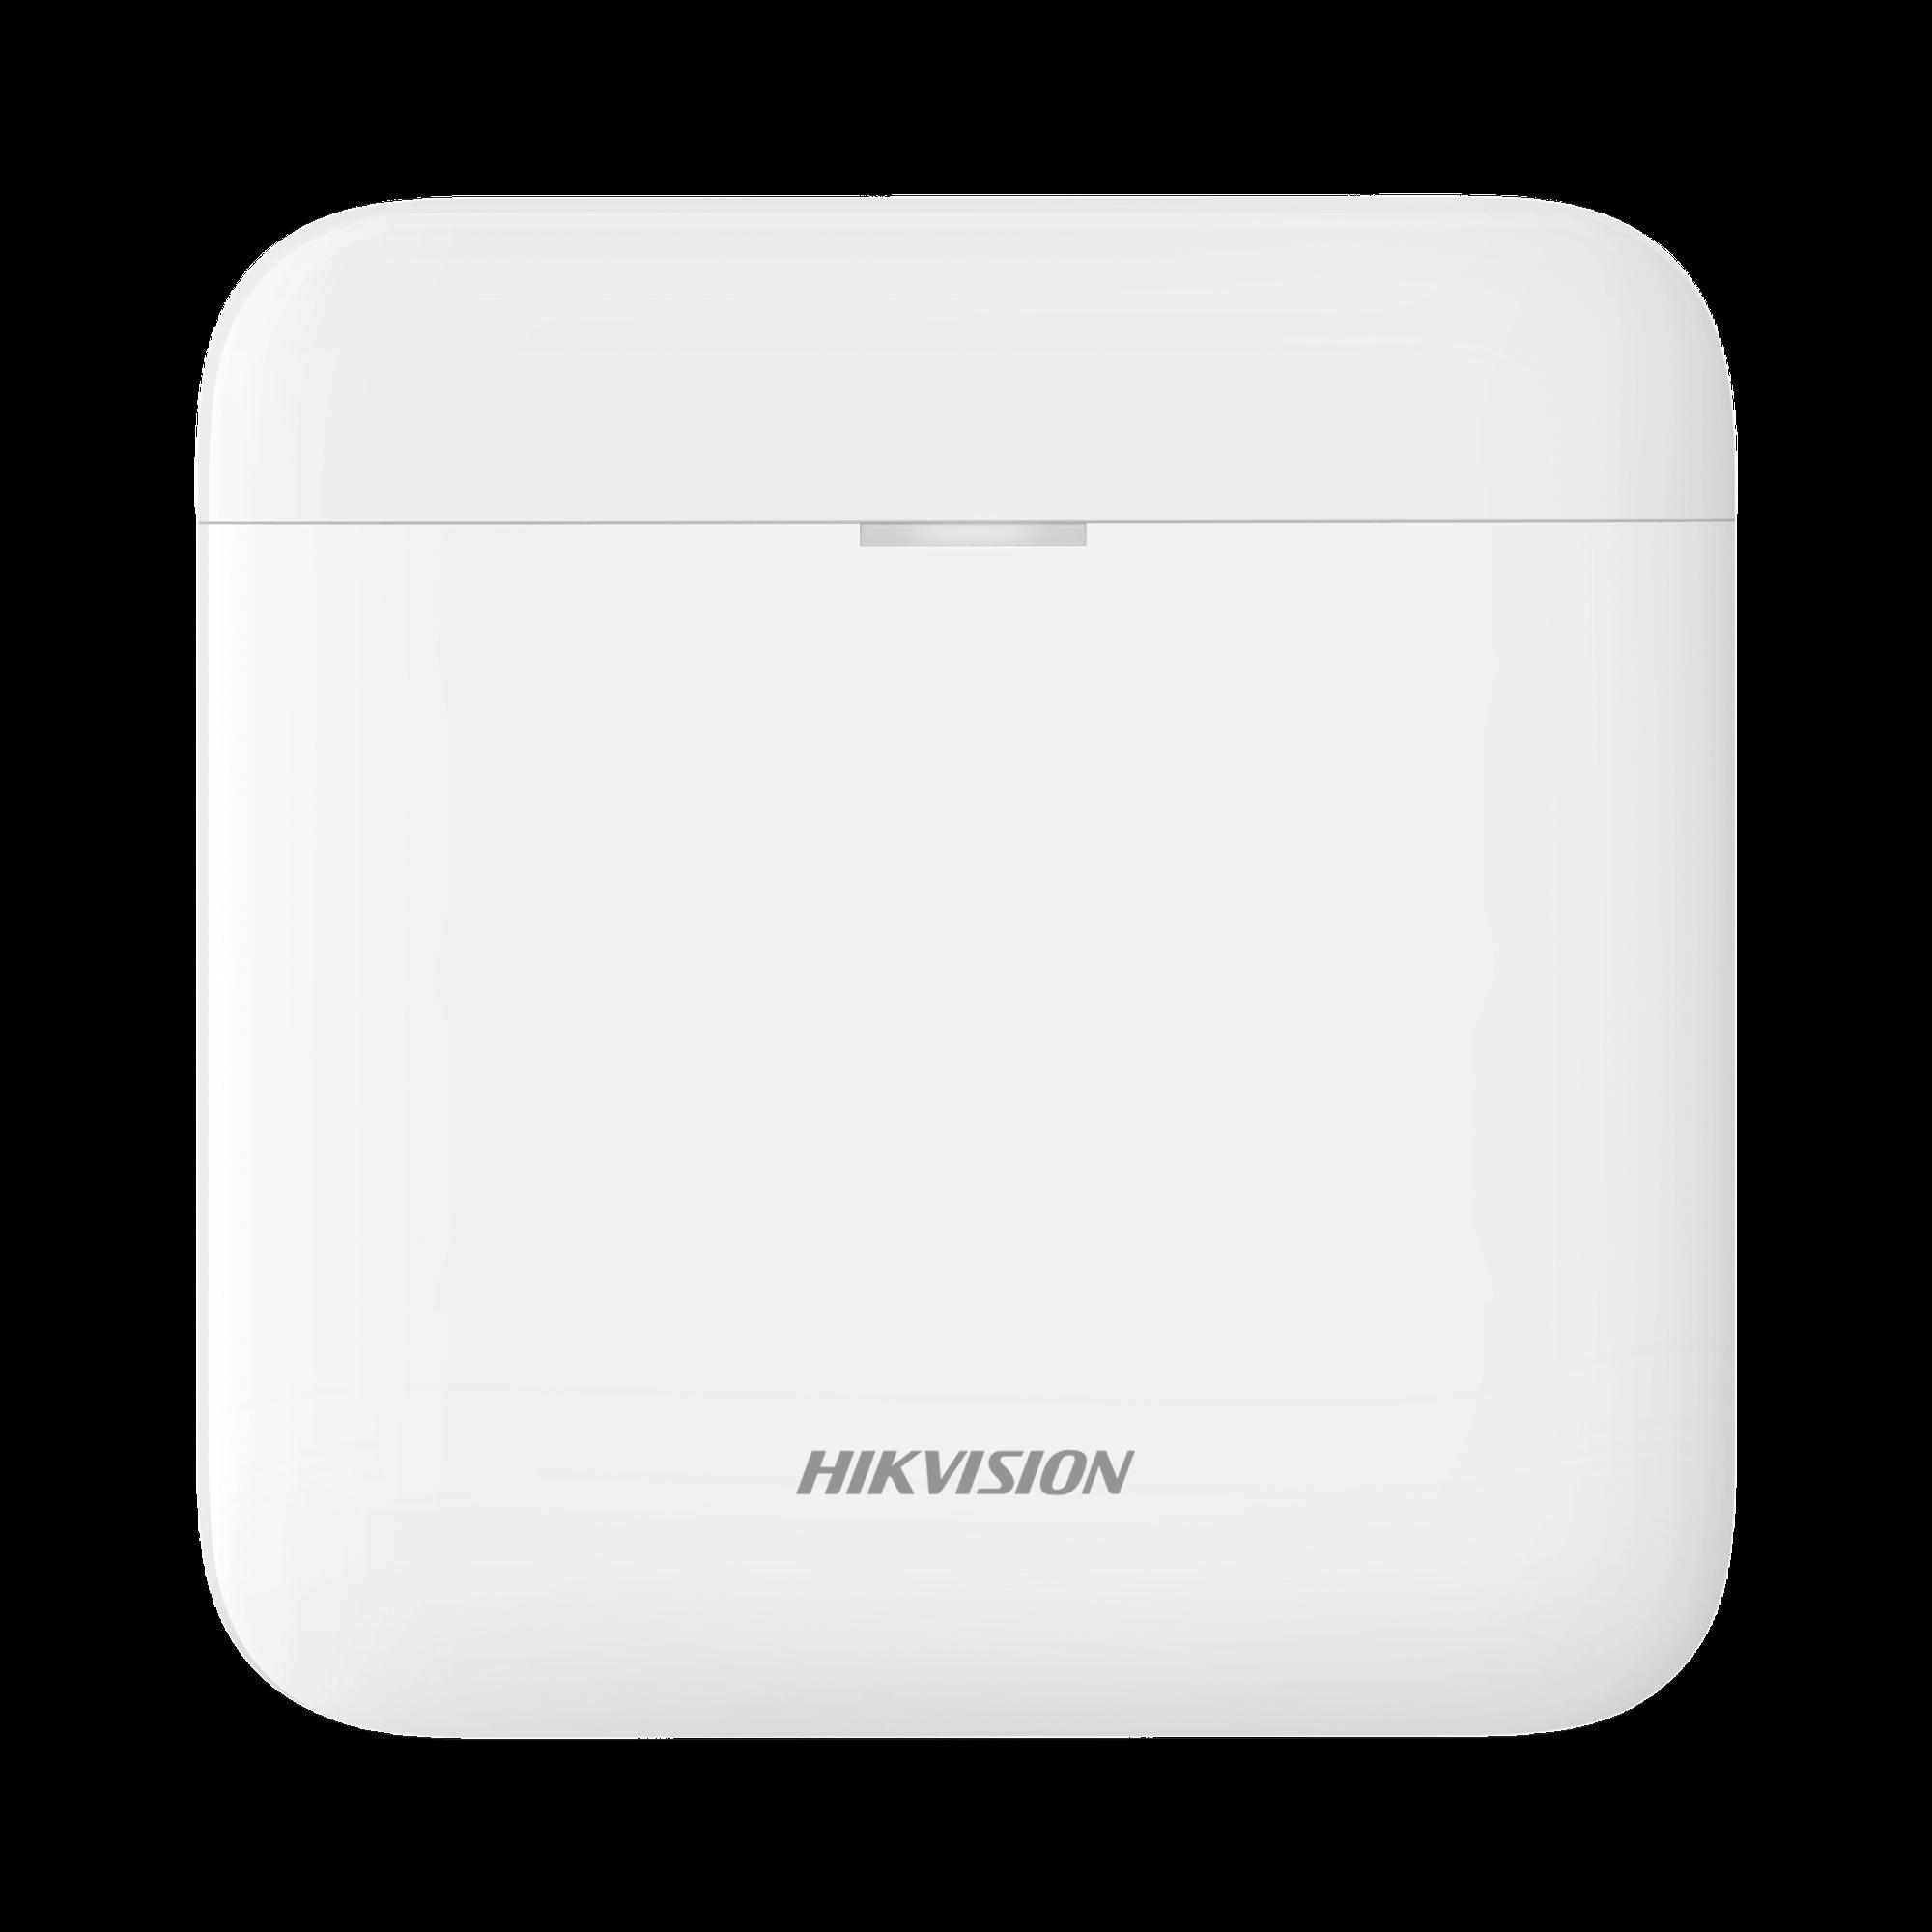 (AX PRO) Panel de Alarma Inalámbrico de Hikvision / Soporta 48 Zonas / Wi-Fi y Ethernet / Compatible con los Accesorios AX PRO.